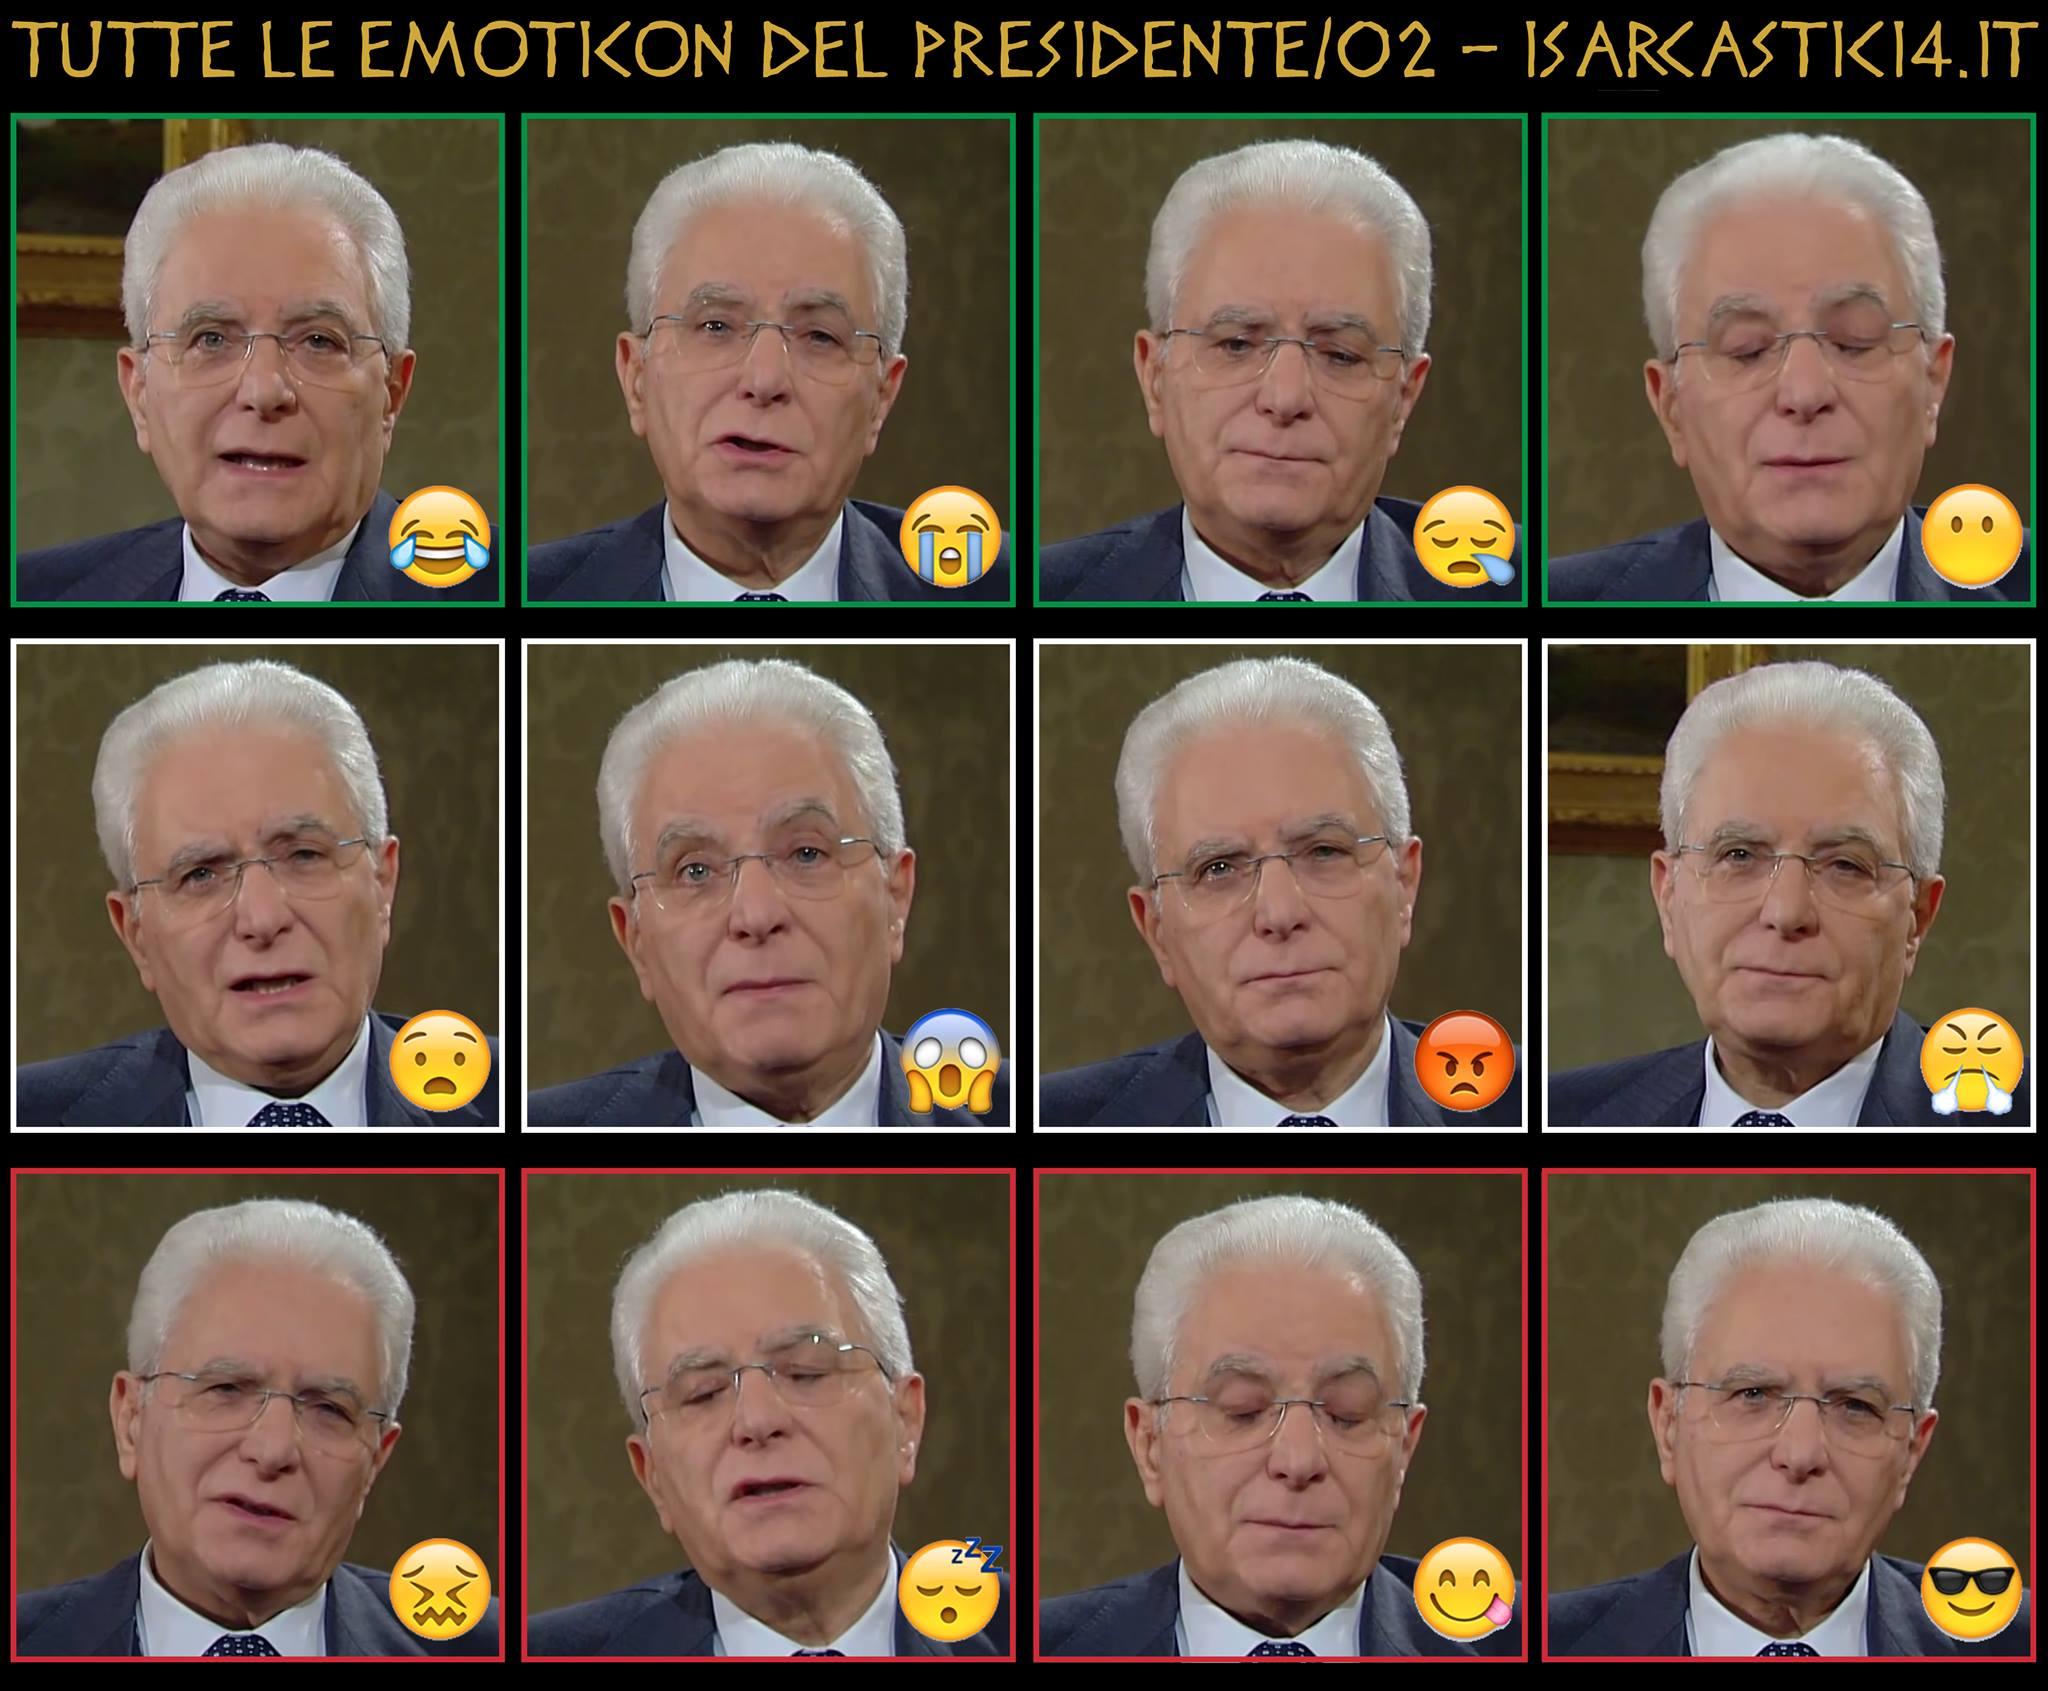 Tutte le emoticon del Presidente della Repubblica Mattarella - 01